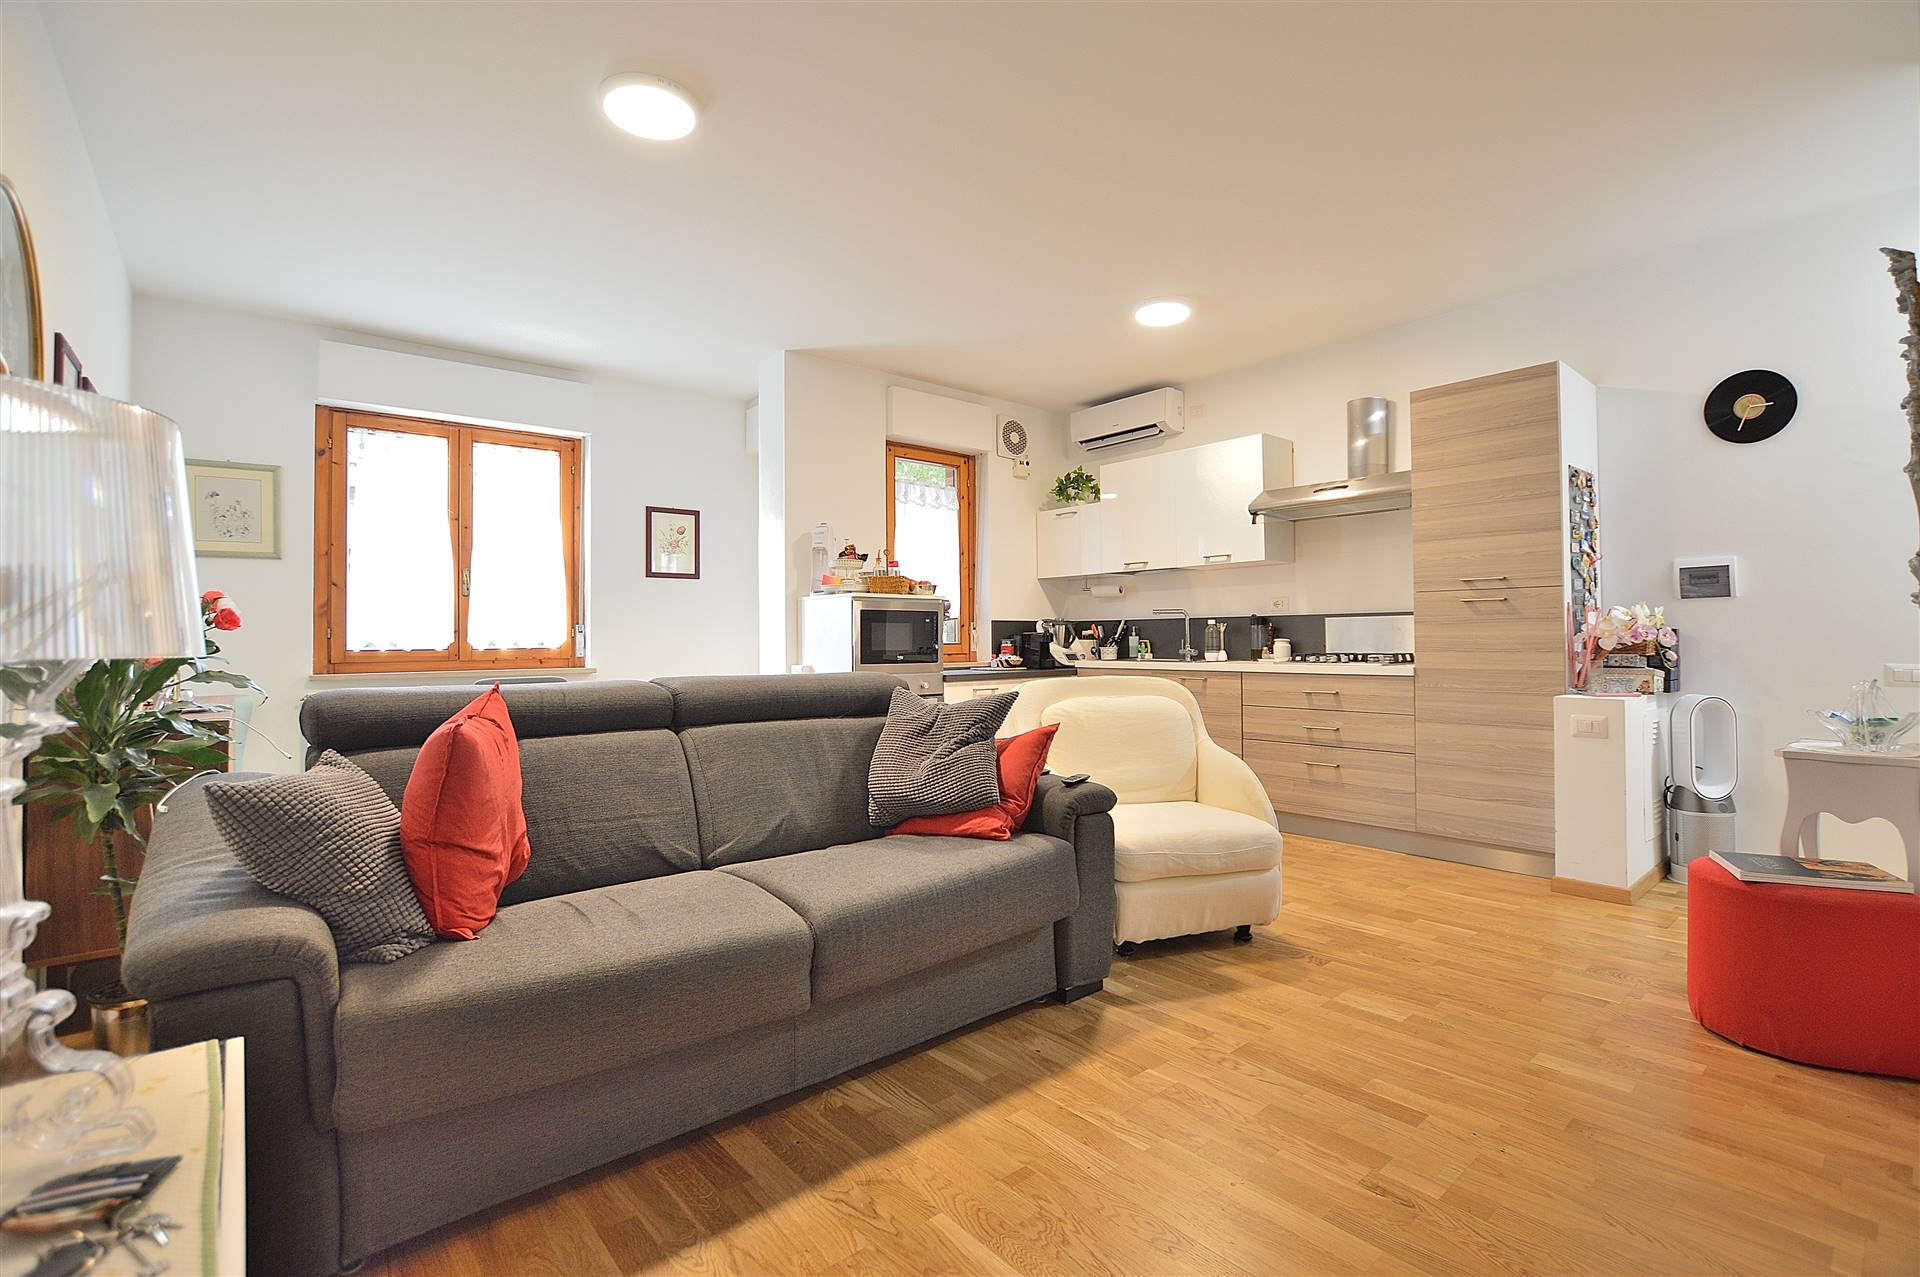 Sant'Andrea a Montecchio, in piacevole contesto residenziale, proponiamo grazioso appartamento ristrutturato posto al primo piano di una piccola